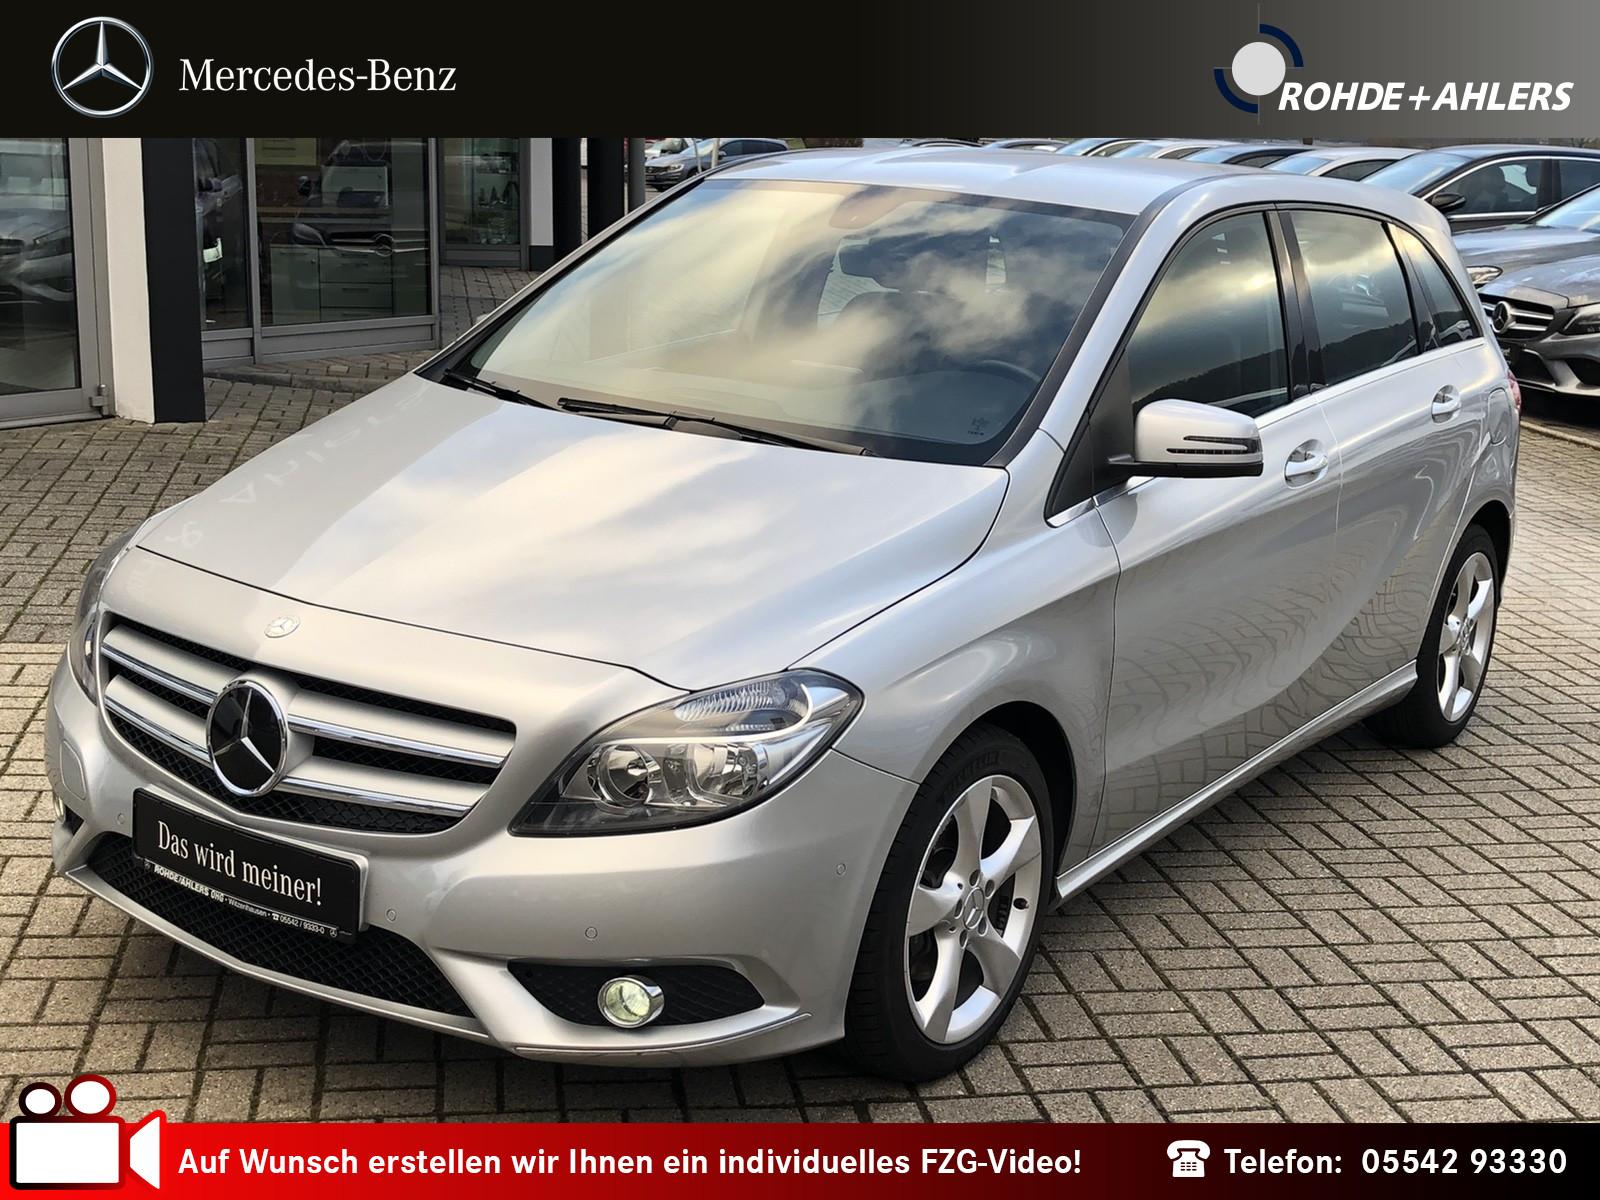 Mercedes-Benz B 200 cdi AUTOMATIK+SPORTPAKET+SITZHEIZUNG Klima, Jahr 2013, diesel